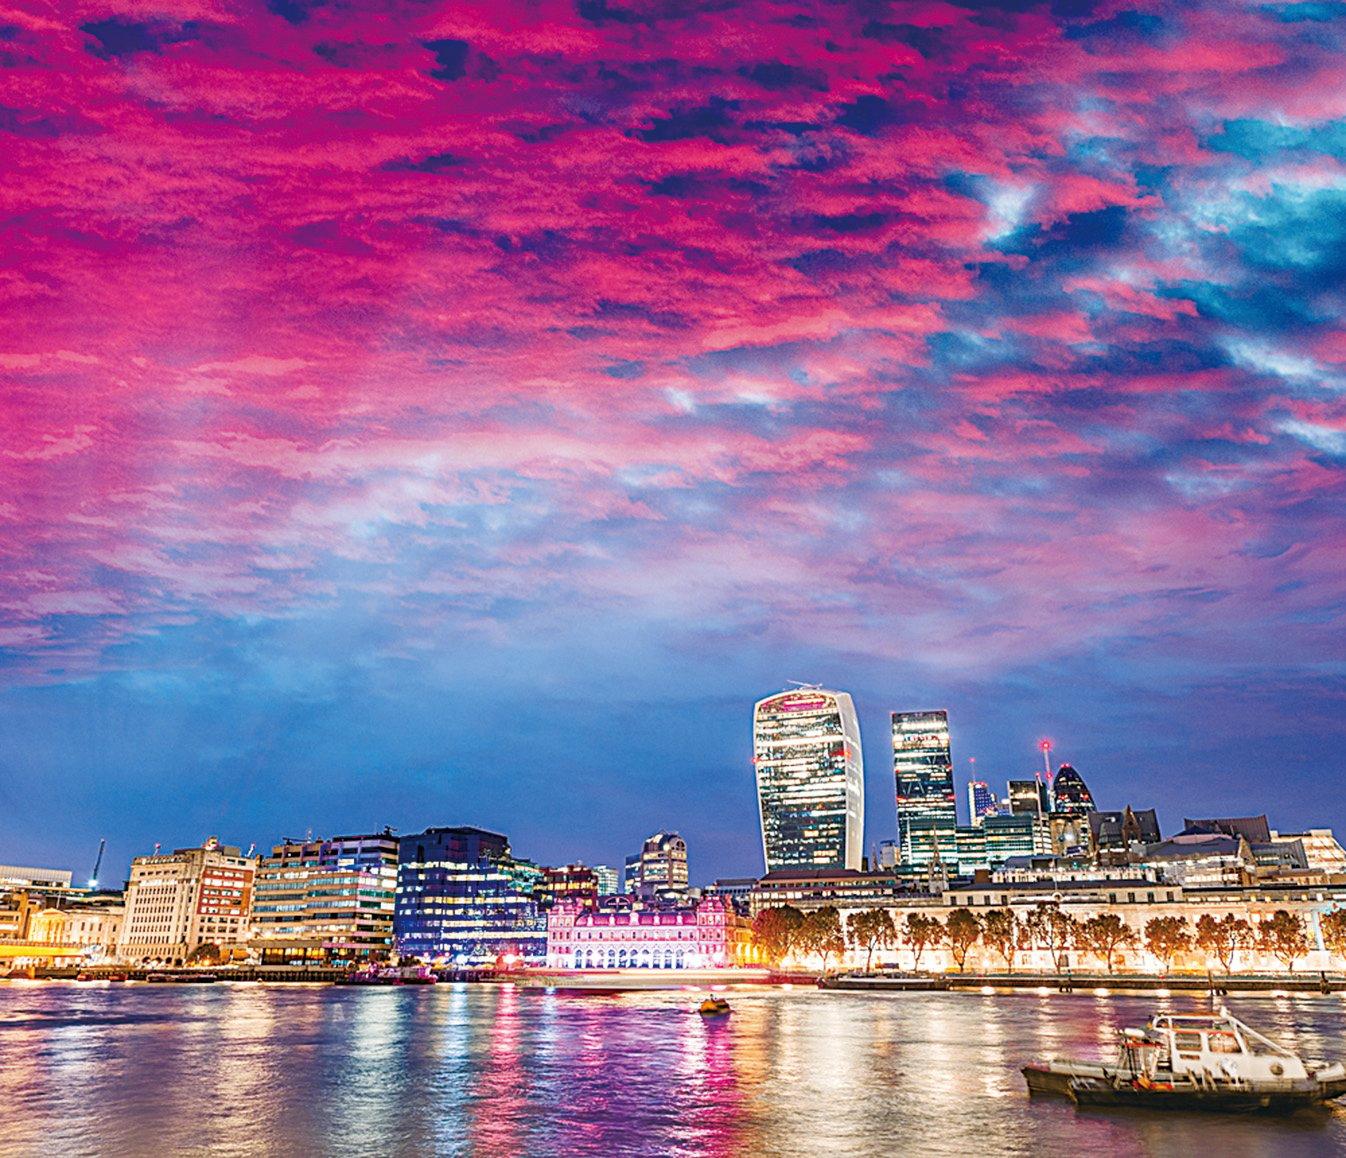 日落時倫敦的金絲雀碼頭以及周邊的建築物。(Depositphotos)